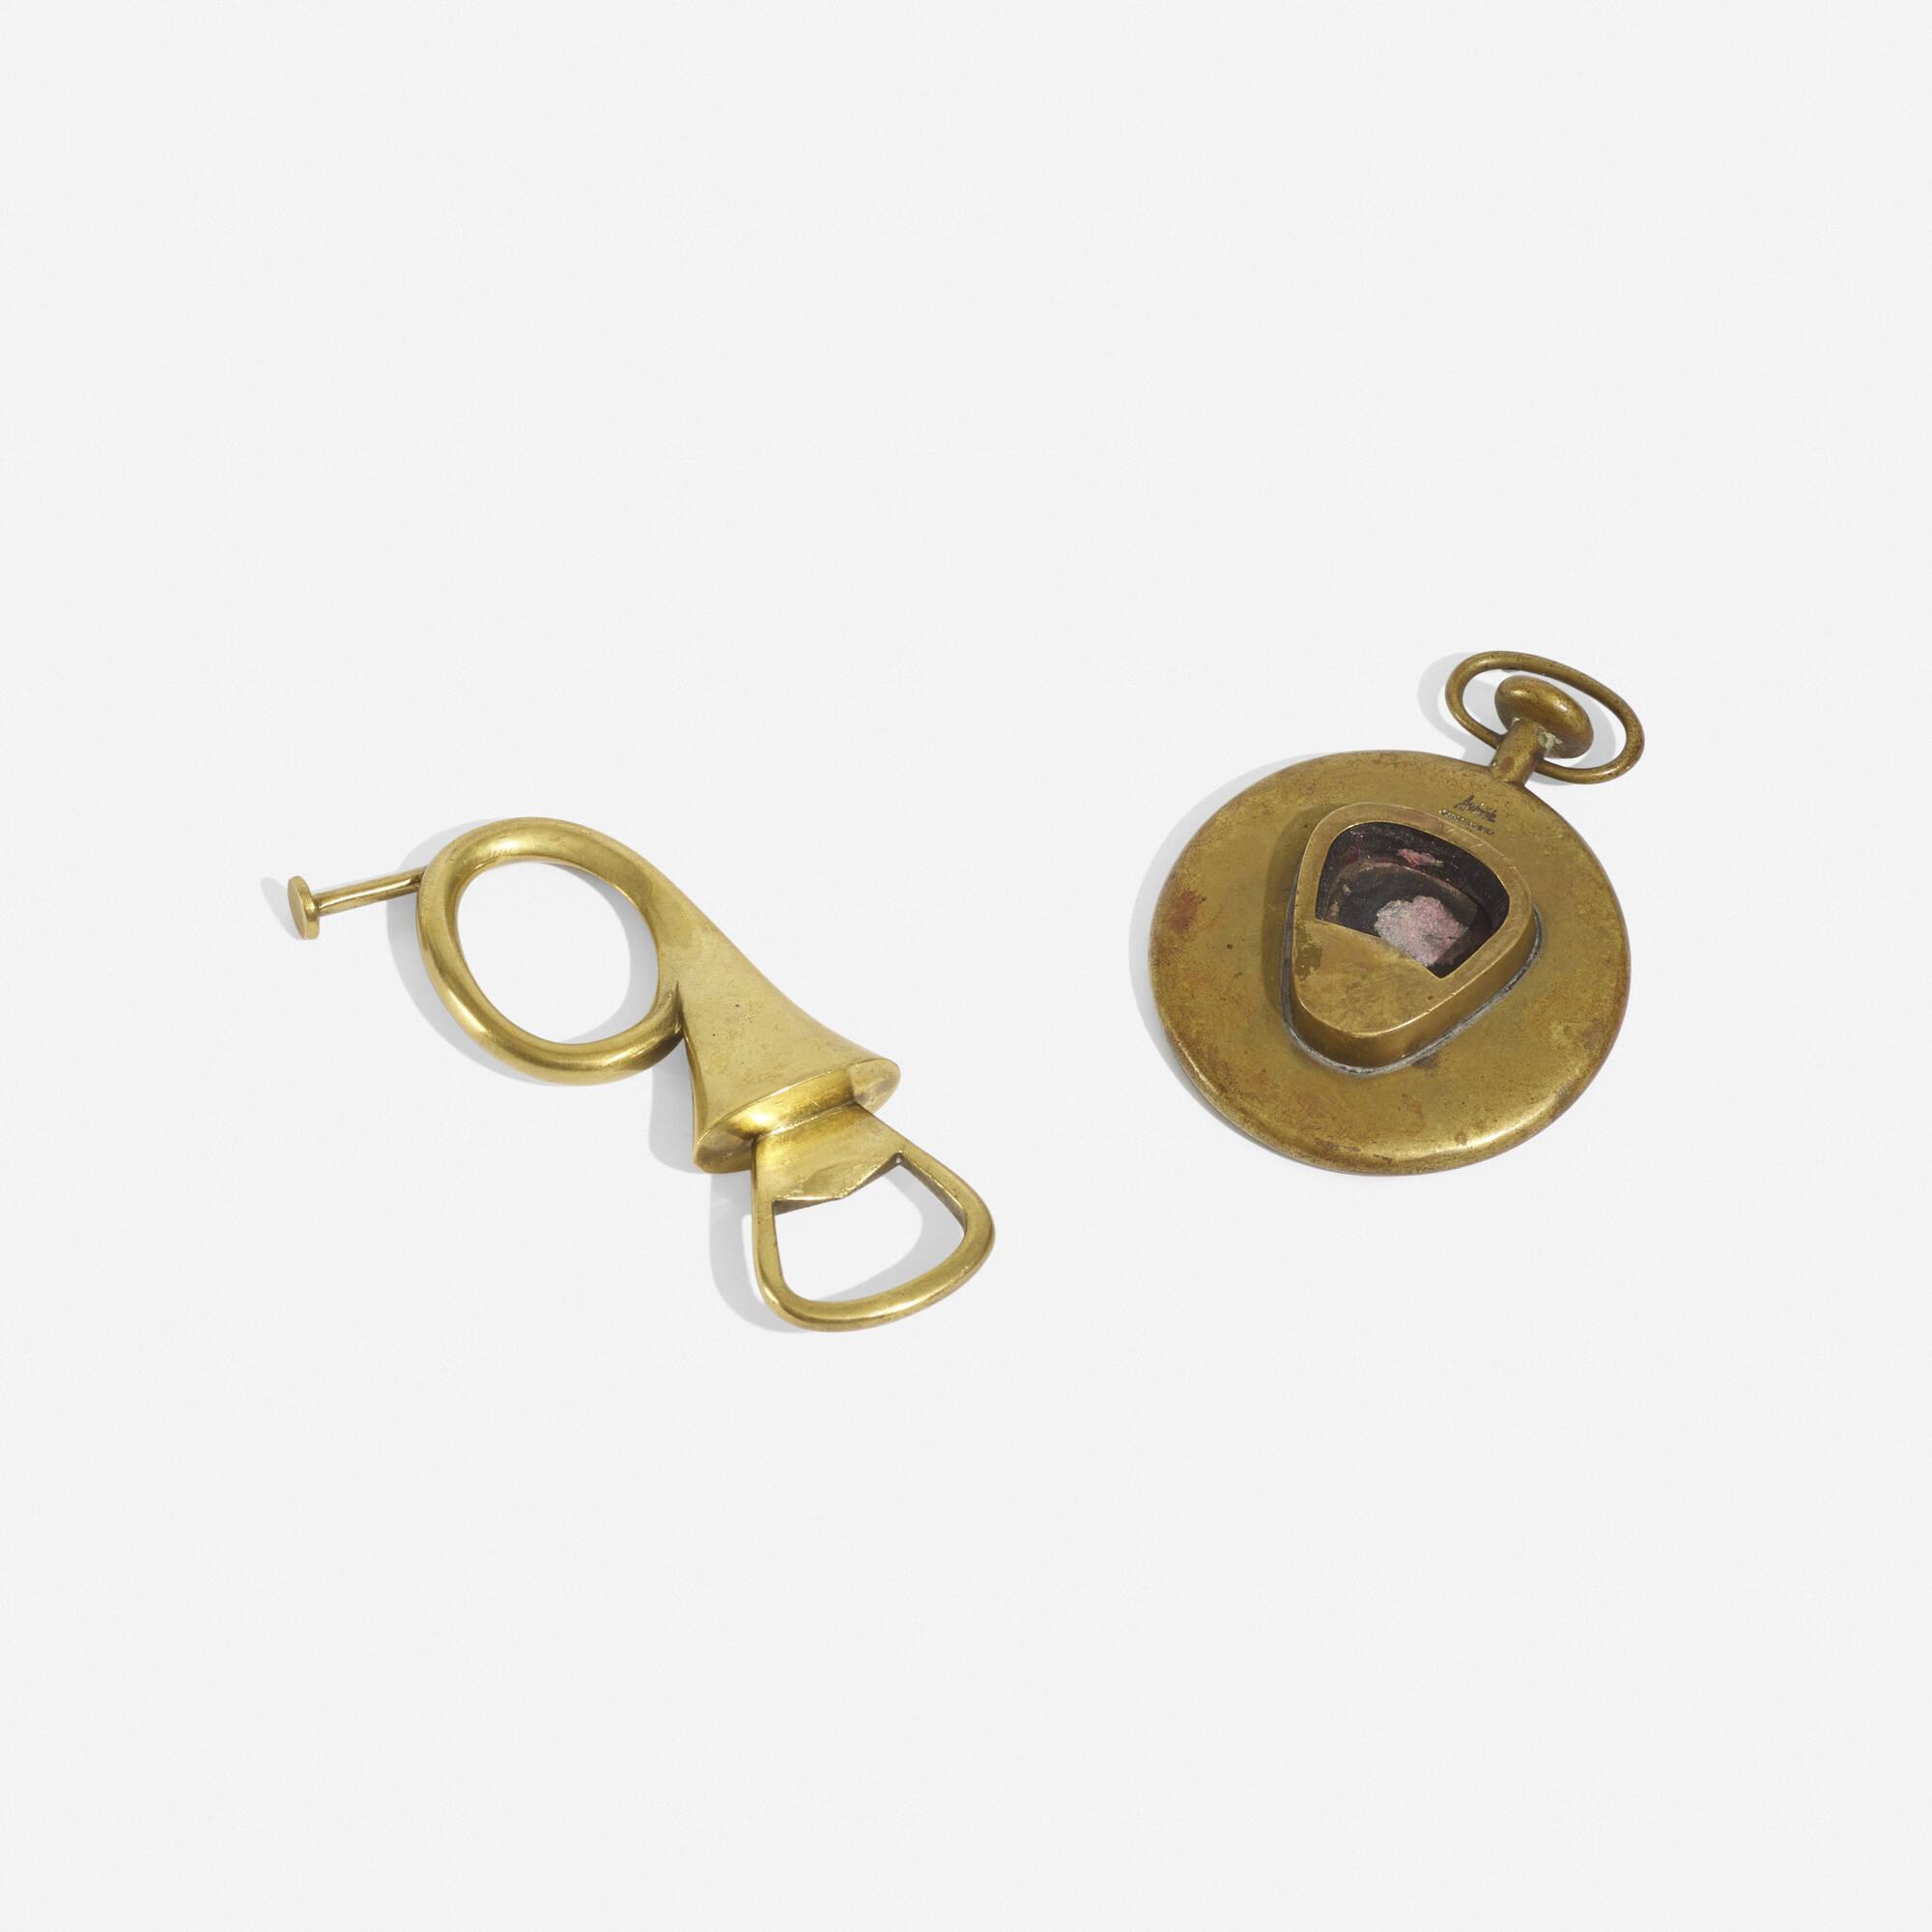 264: Carl Auböck II / bottle openers, pair (2 of 2)